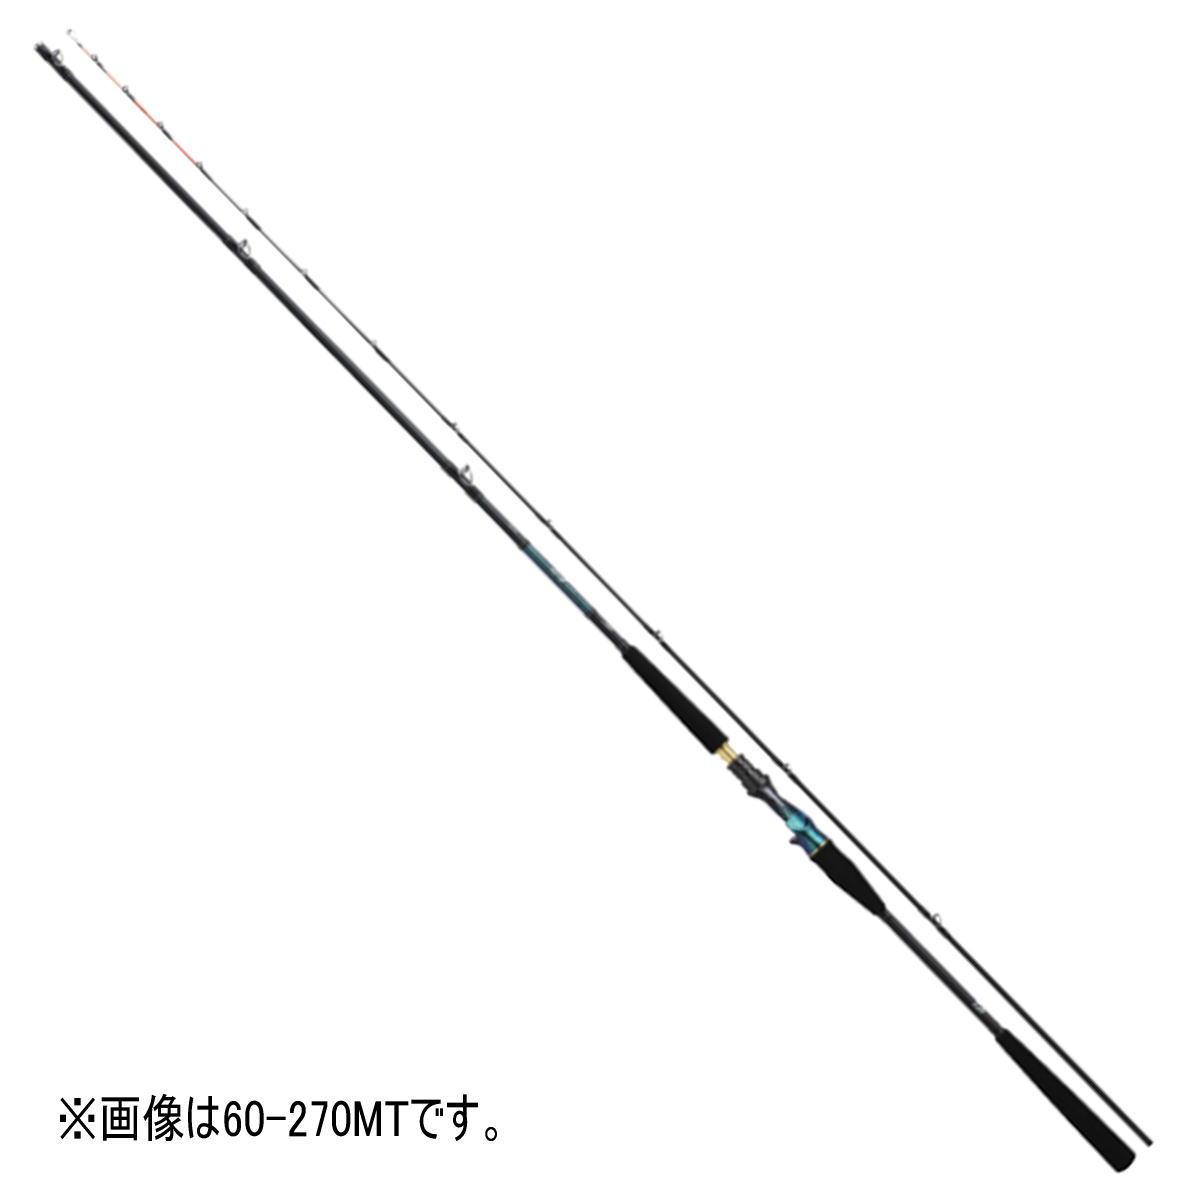 【送料無料5】ダイワ ロッド '18 18 剣崎 MT 60-230MT